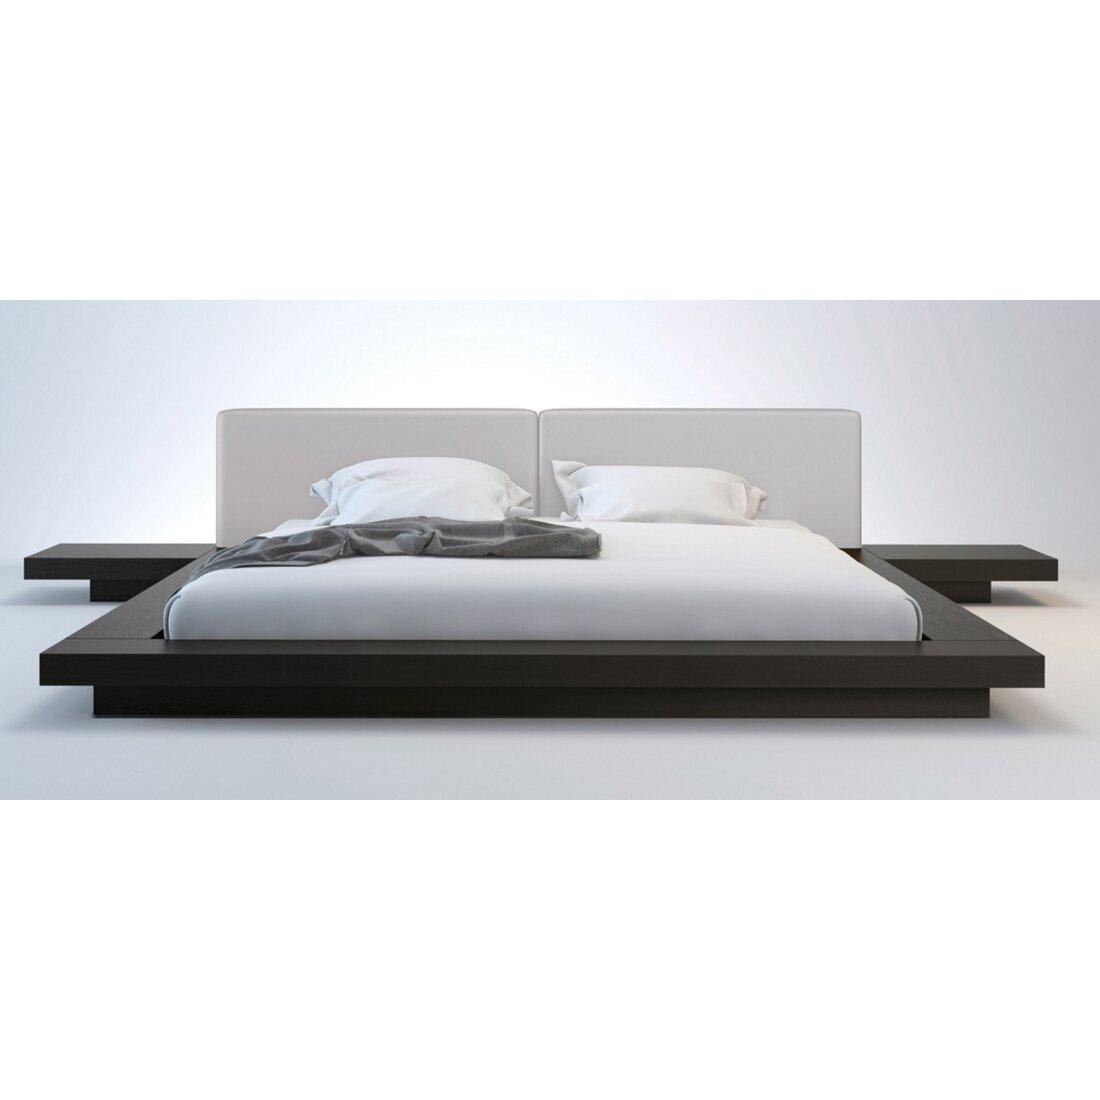 platform bed sales - sloan upholstered platform bed reviews allmodern